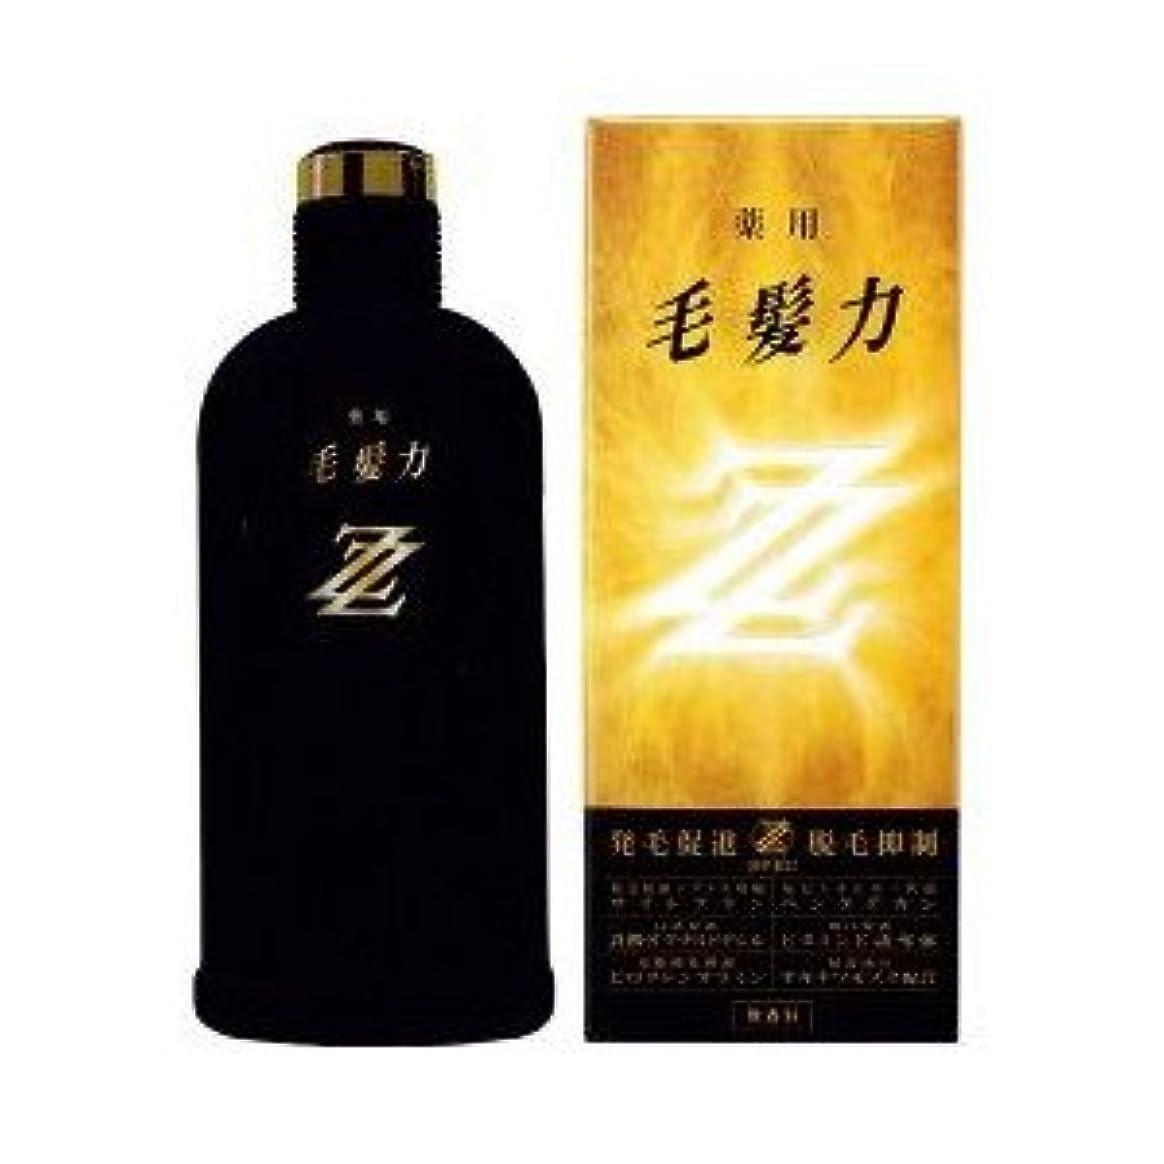 偏差マナー健康的ライオン 薬用毛髪力ZZ 無香料 200ML